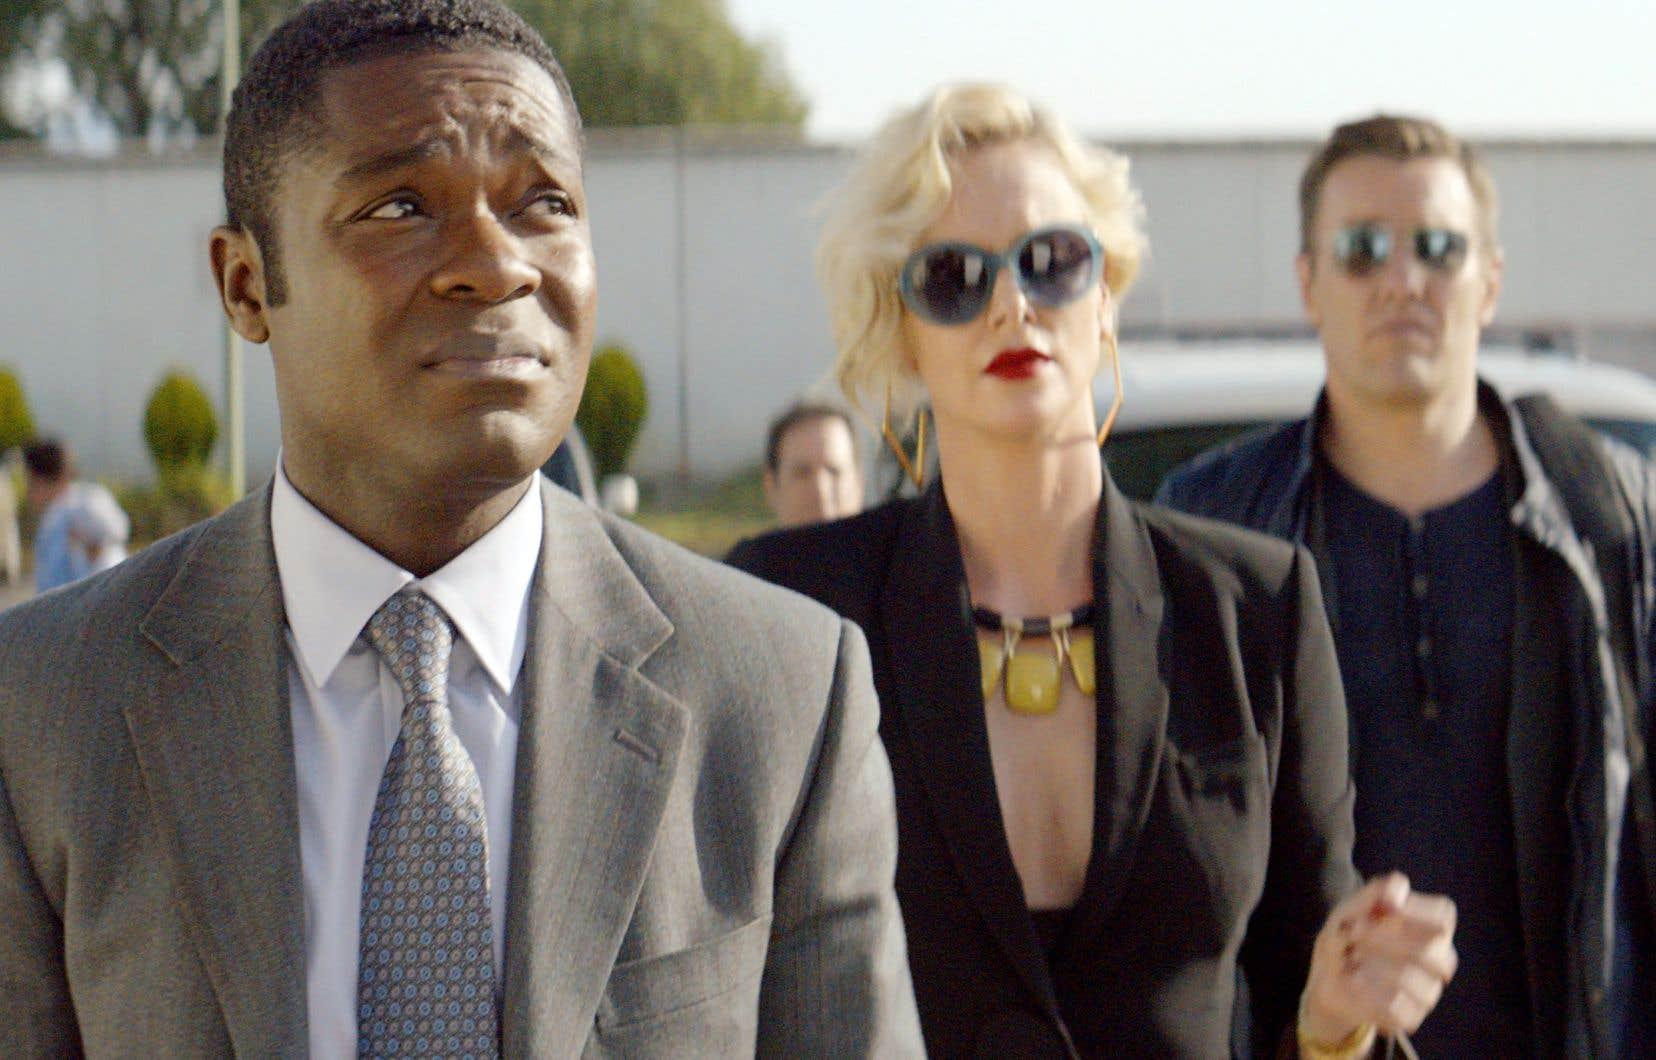 Dans le rôle d'Harold, David Oyelowo est parfait de sincérité. Idem pour Charlize Theron, qui vole ici la vedette comme elle l'a fait dans «Mad Max».